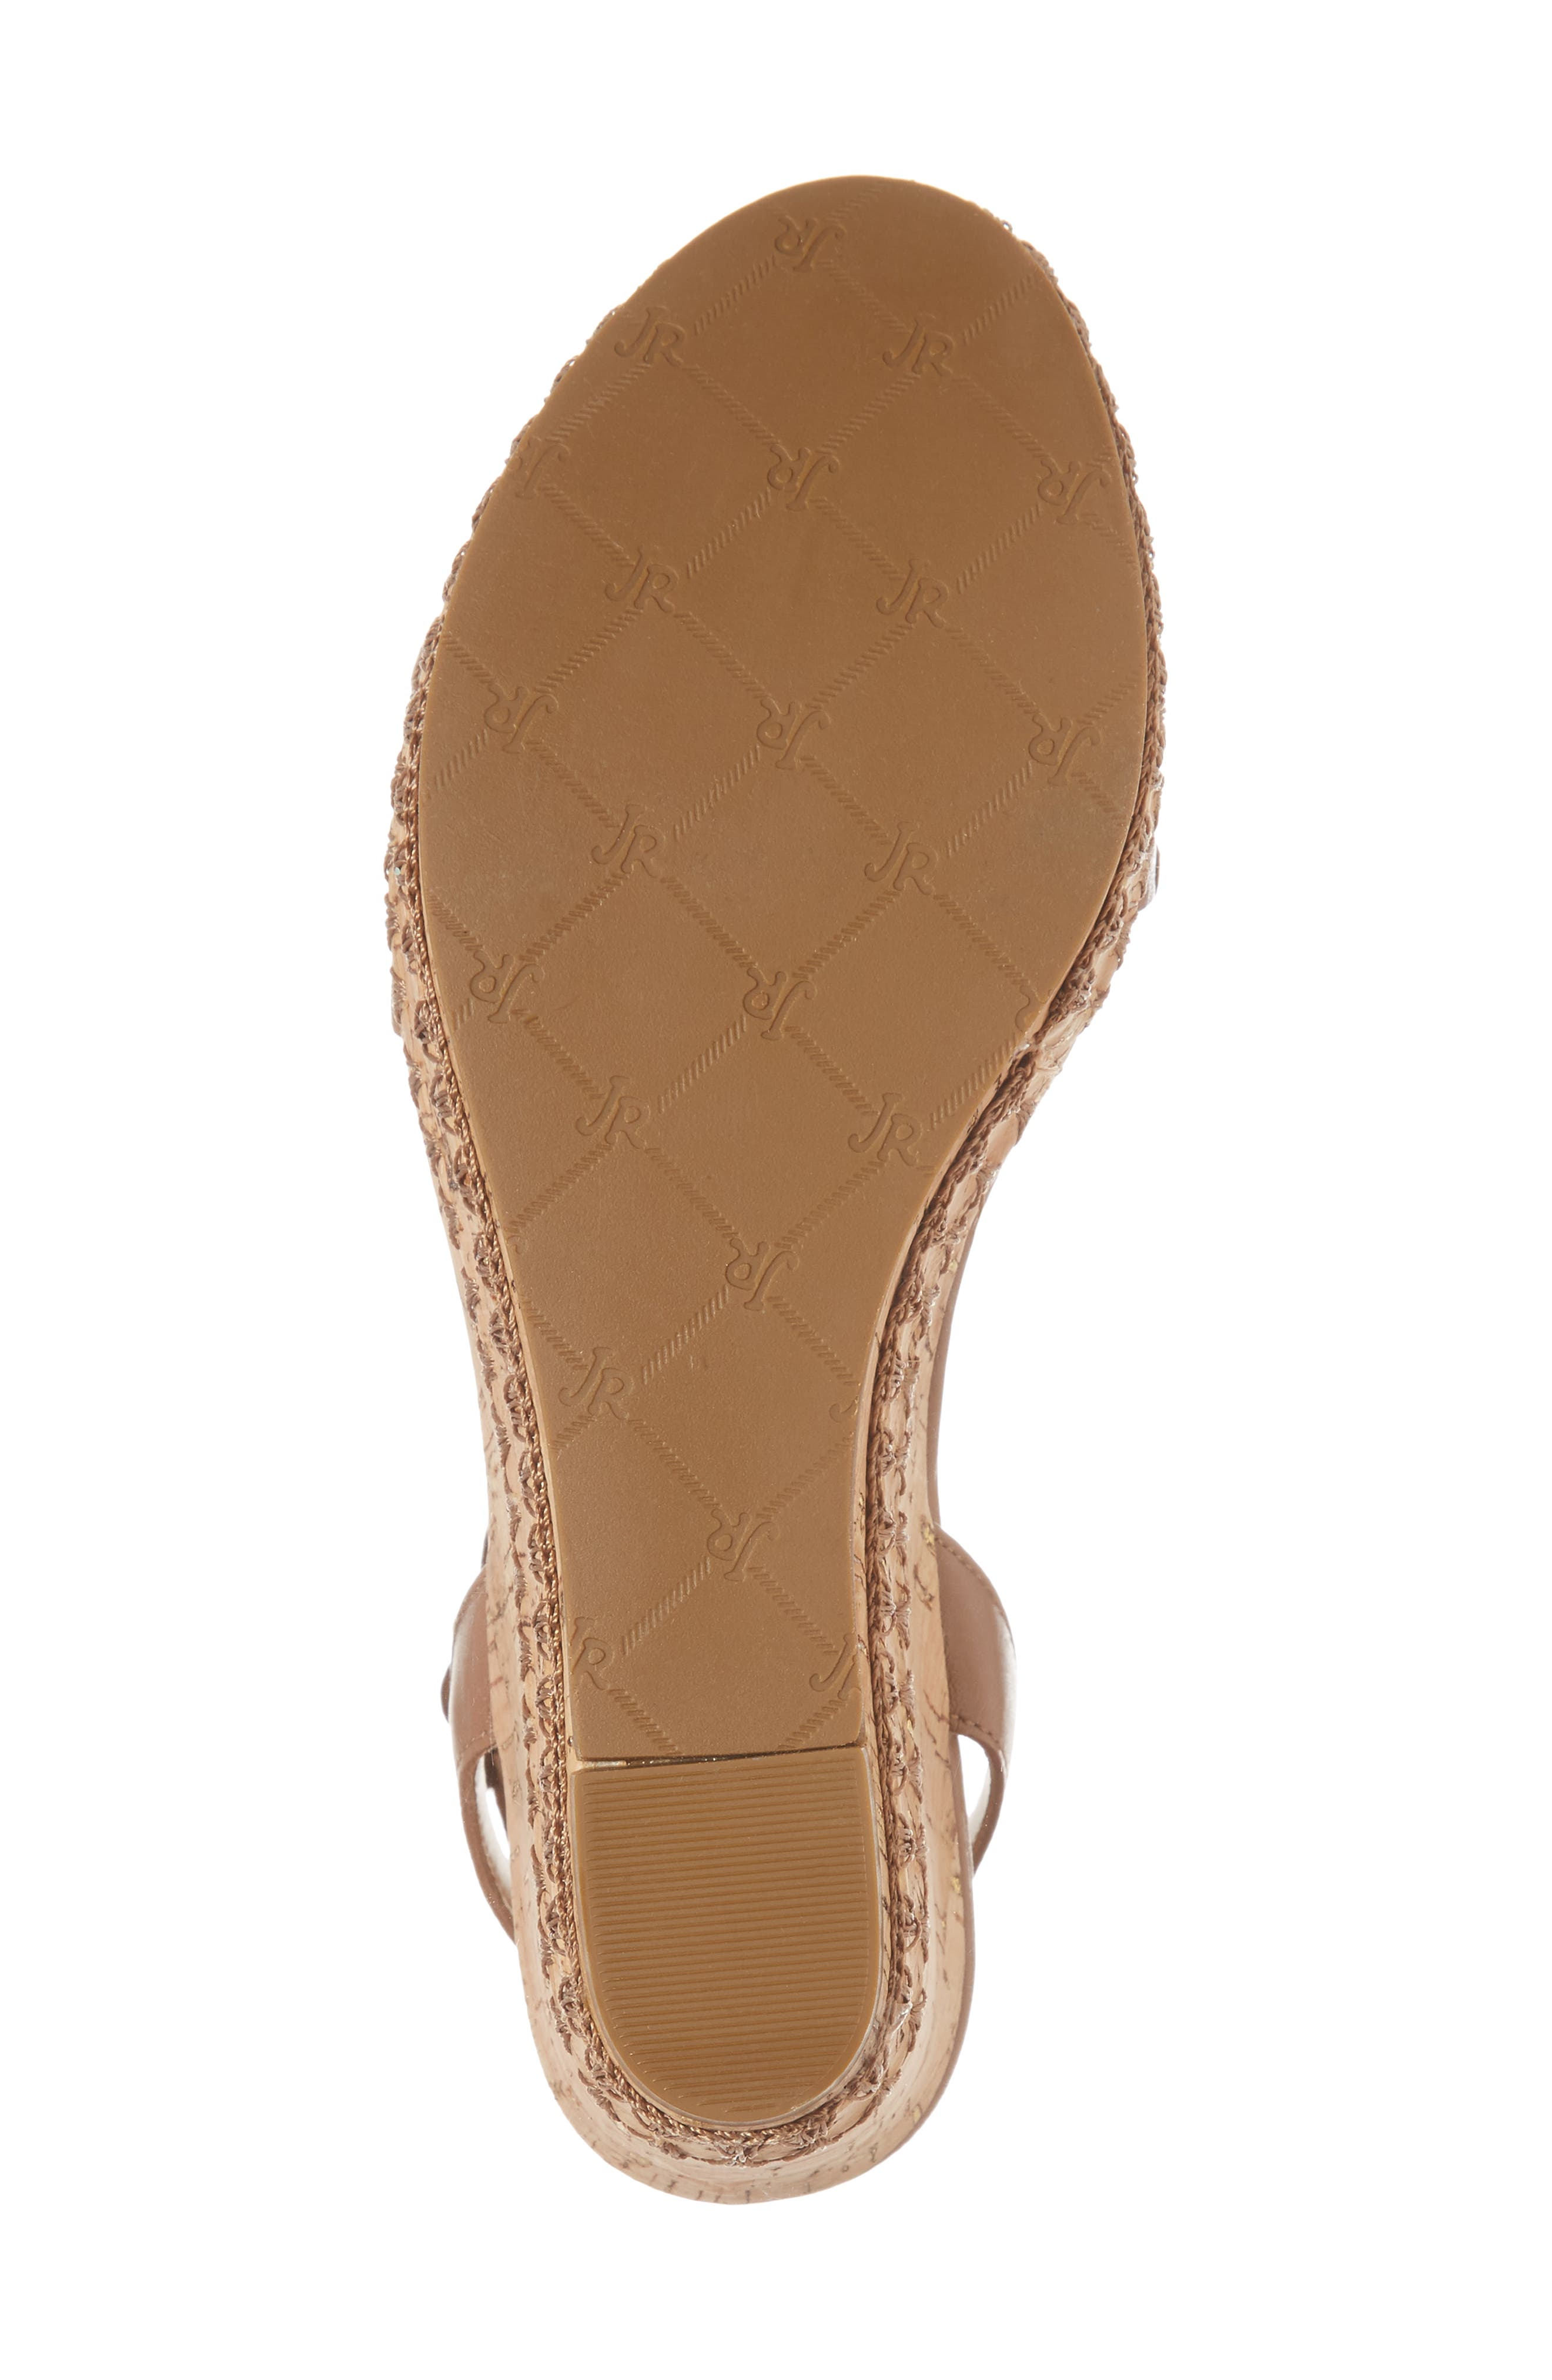 Lennon Platform Wedge Sandal,                             Alternate thumbnail 6, color,                             Cognac Leather